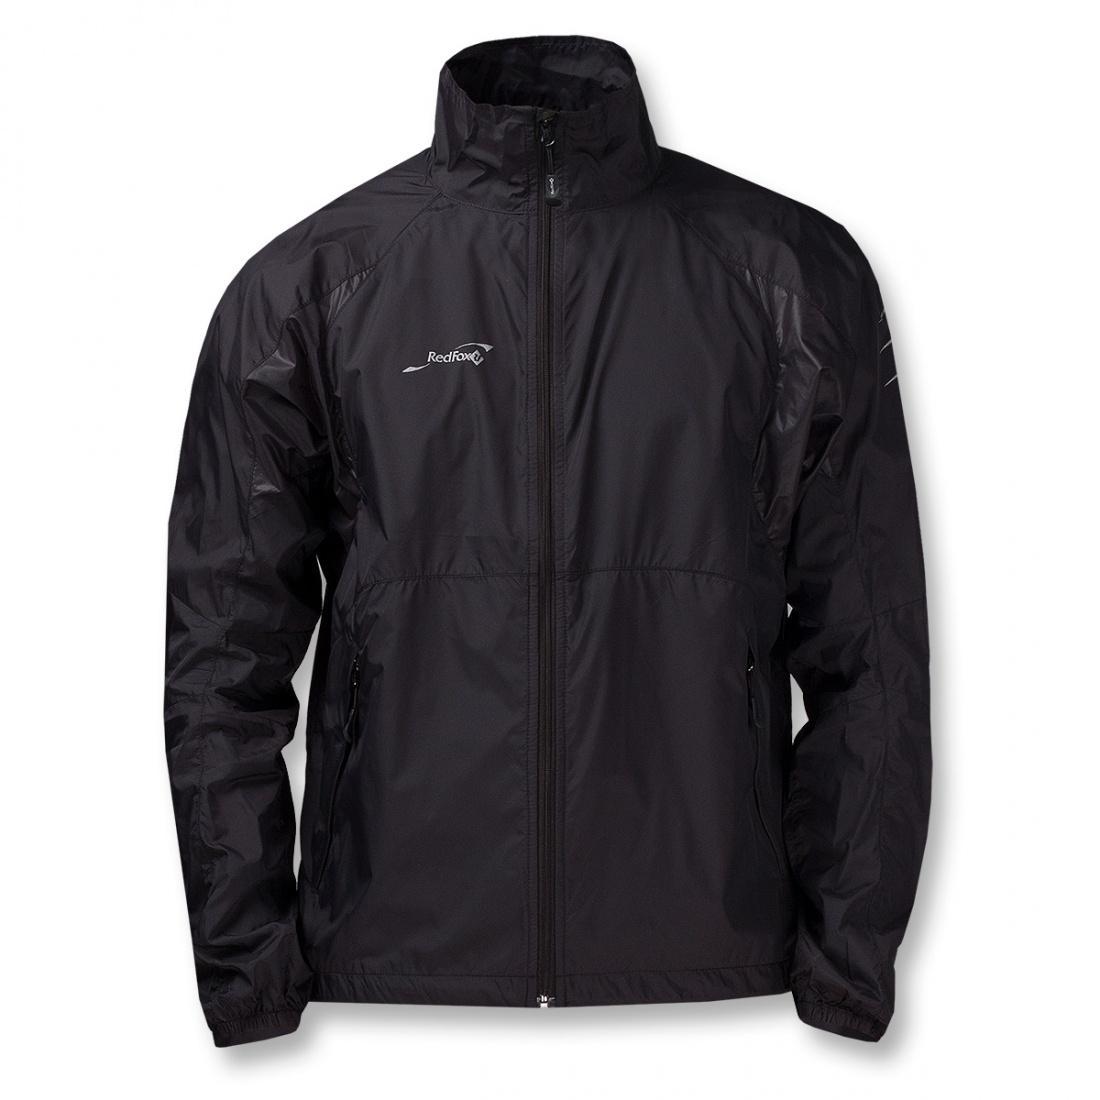 Куртка ветрозащитная Trek Light IIКуртки<br><br> Очень легкая куртка для мультиспортсменов. Отлично сочетает в себе функции защиты от ветра и максимальной свободы движений. Куртку можно компактно упаковать в карман, расположенный на спине.<br><br><br> Особенности:<br><br><br>Два бо...<br><br>Цвет: Черный<br>Размер: 54